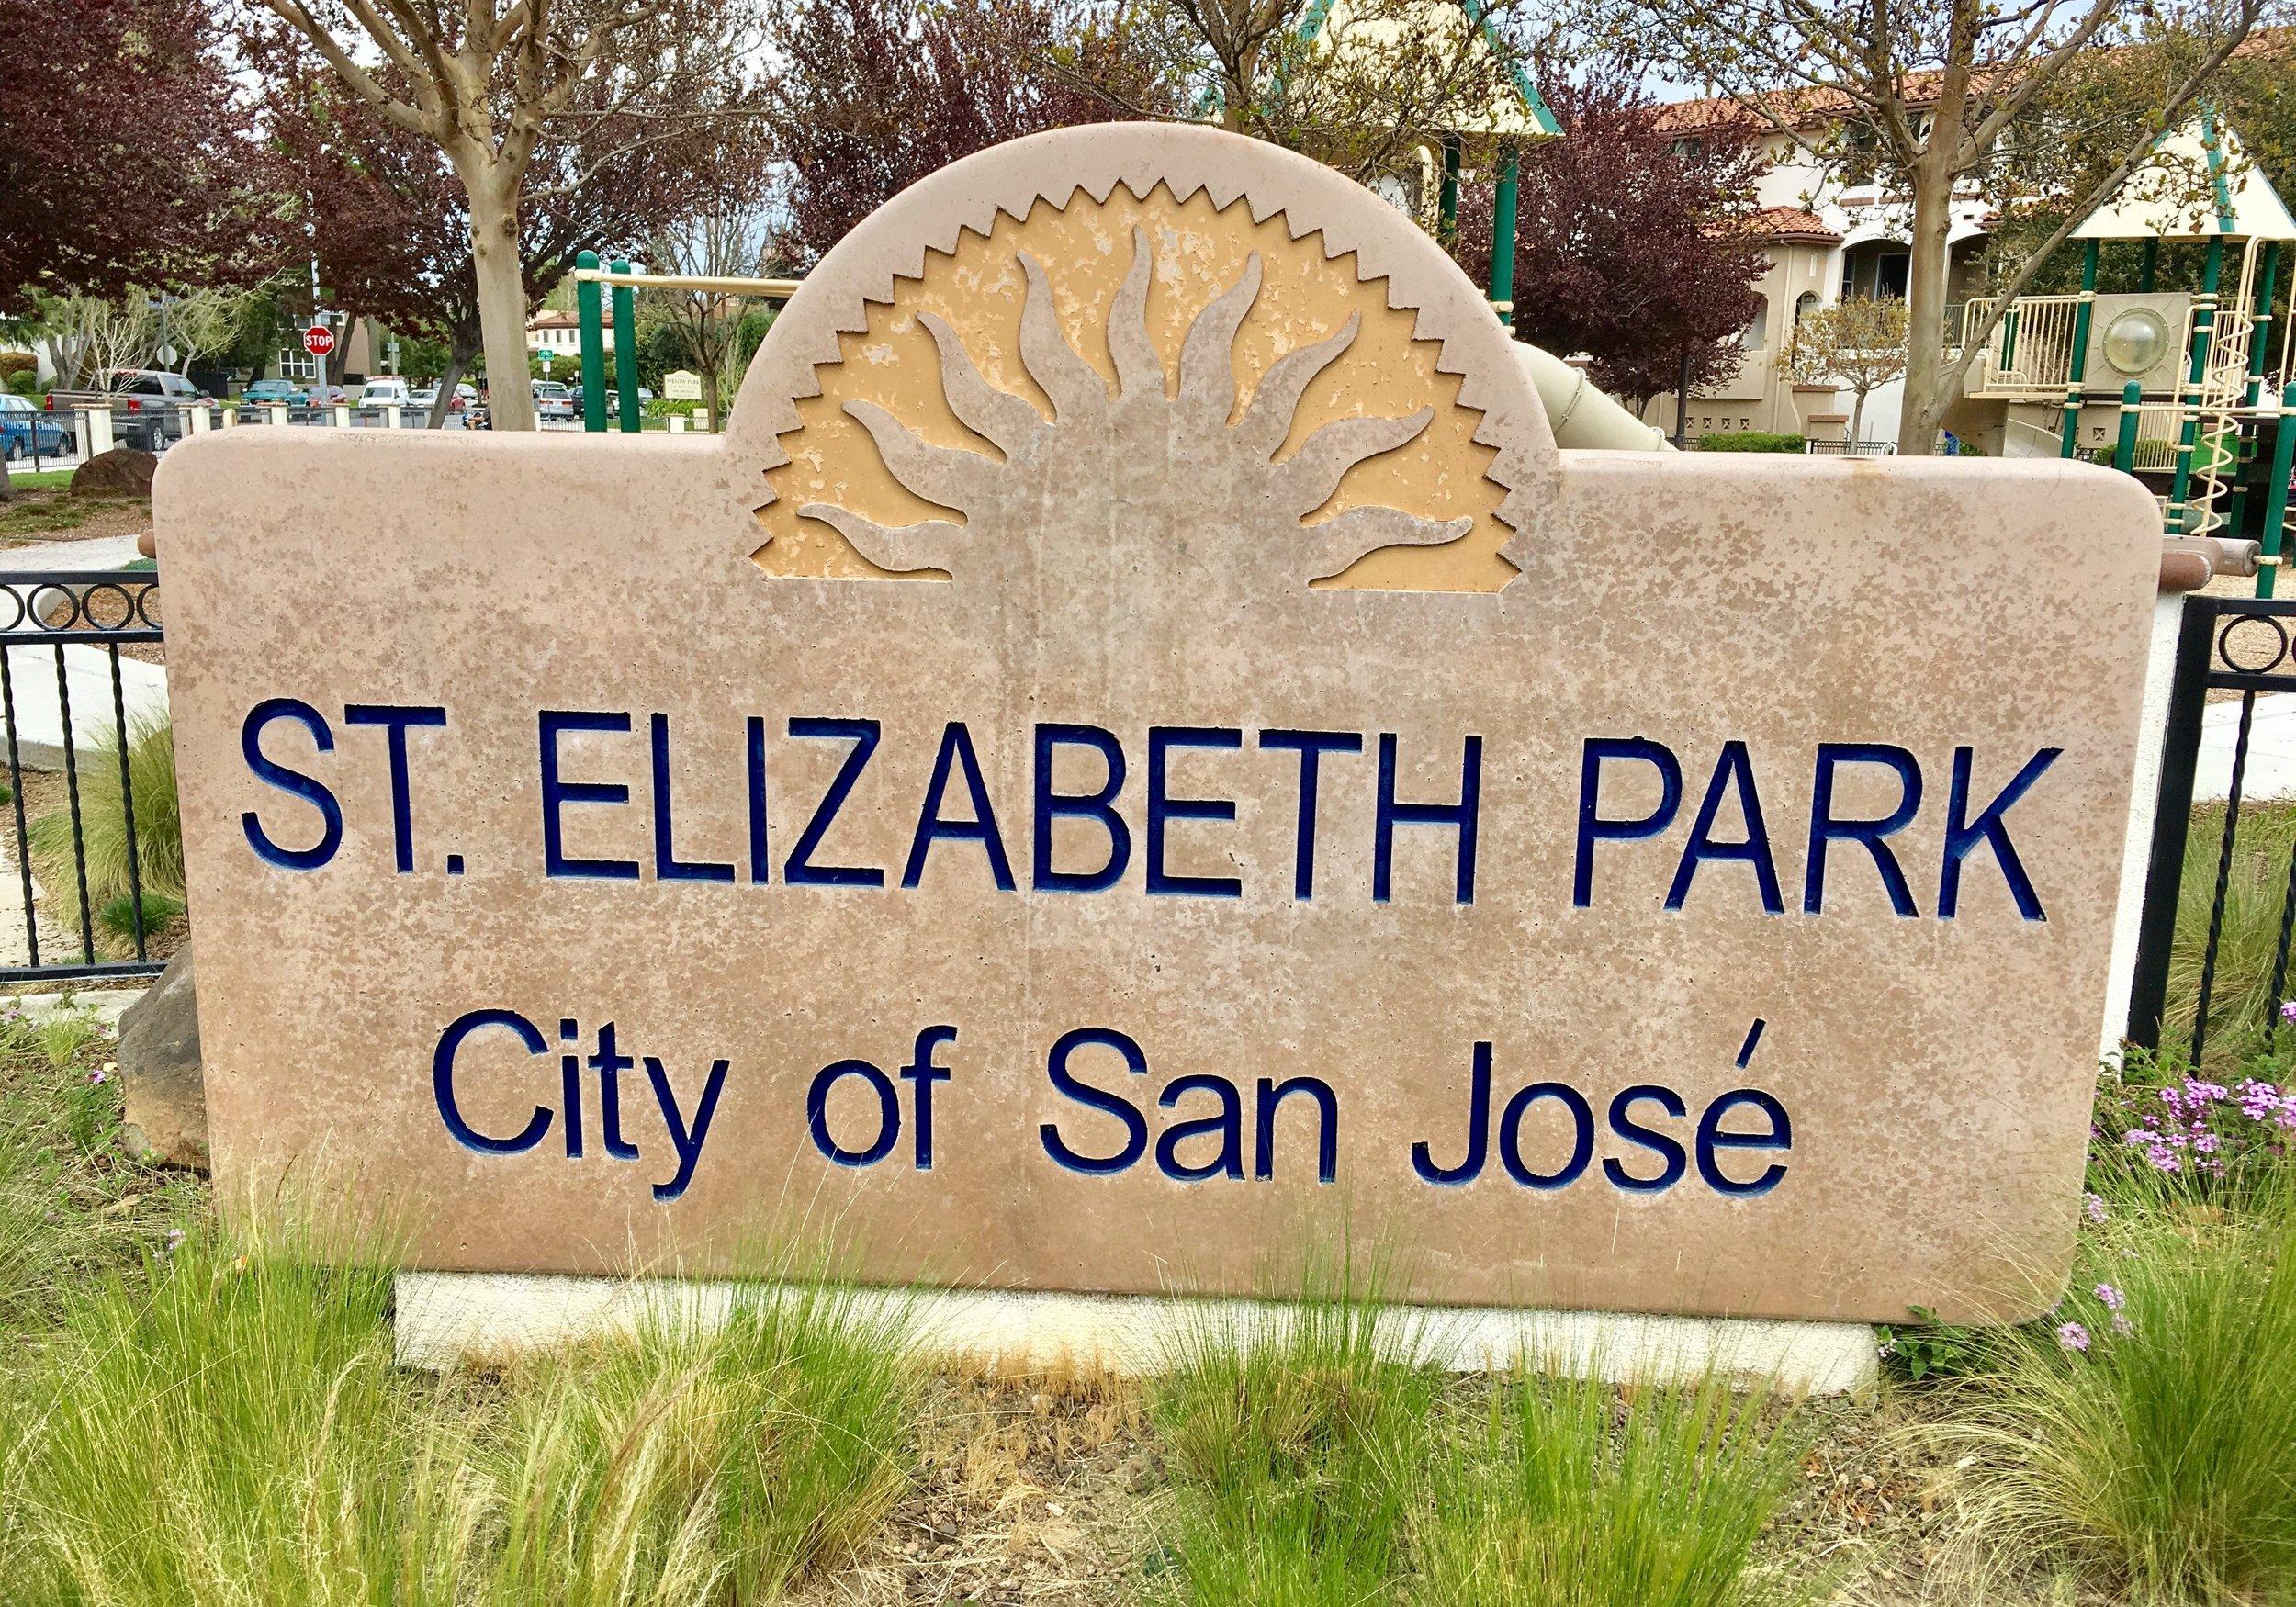 St. Elizabeth Park   Curci Drive & Elizabeth Drive  San Jose, CA 95126   Información Adicional